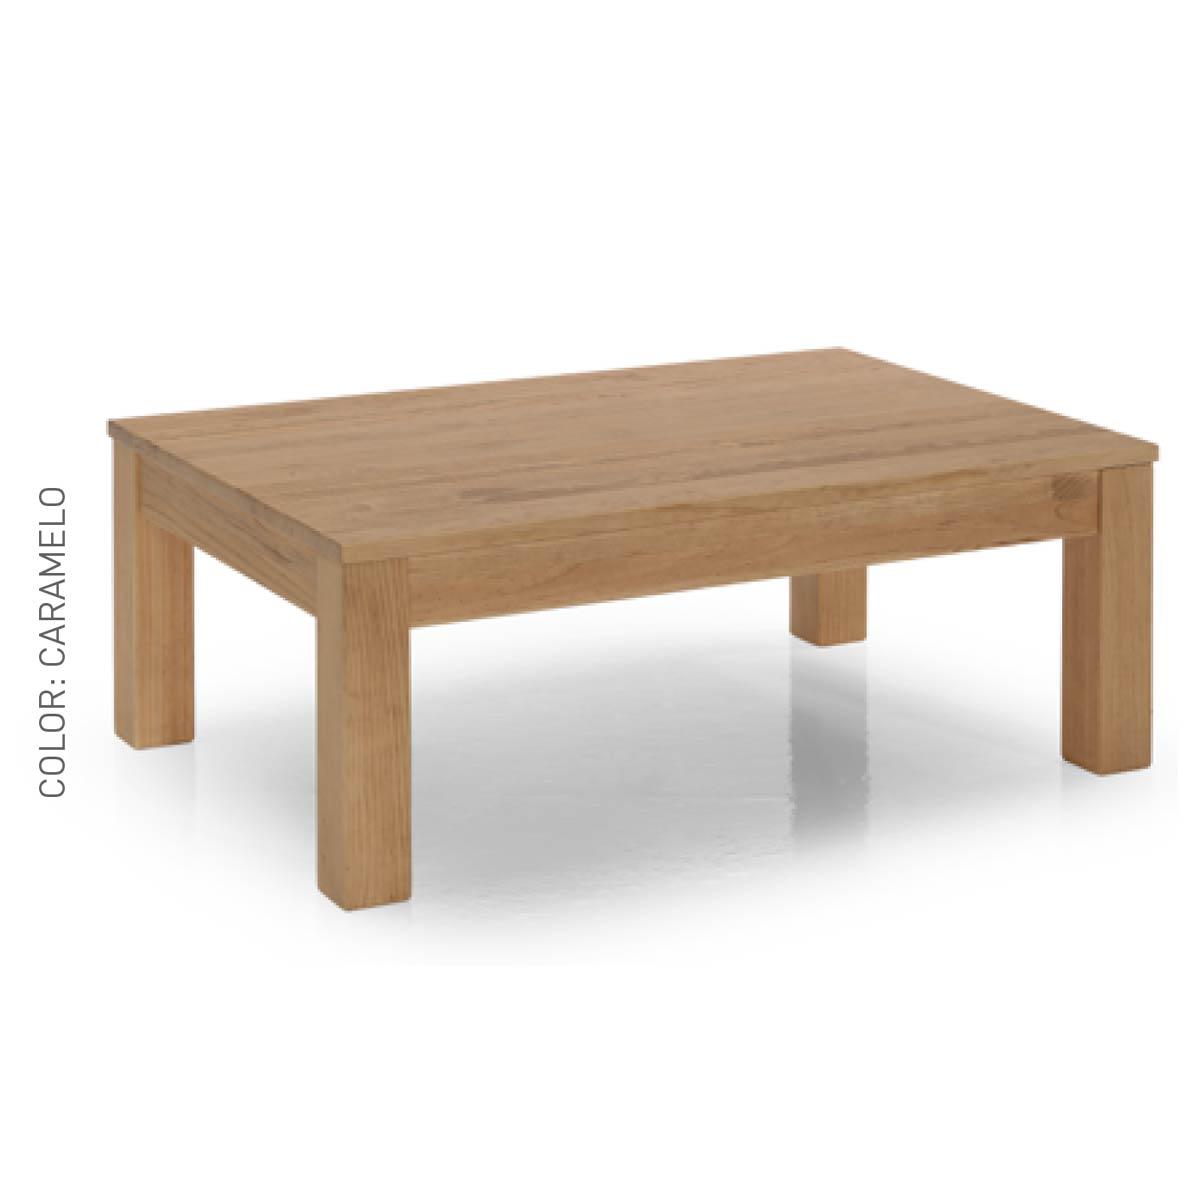 Mesas de centro de madera maciza de pino de alta calidad - Mesas de centro abatibles ...